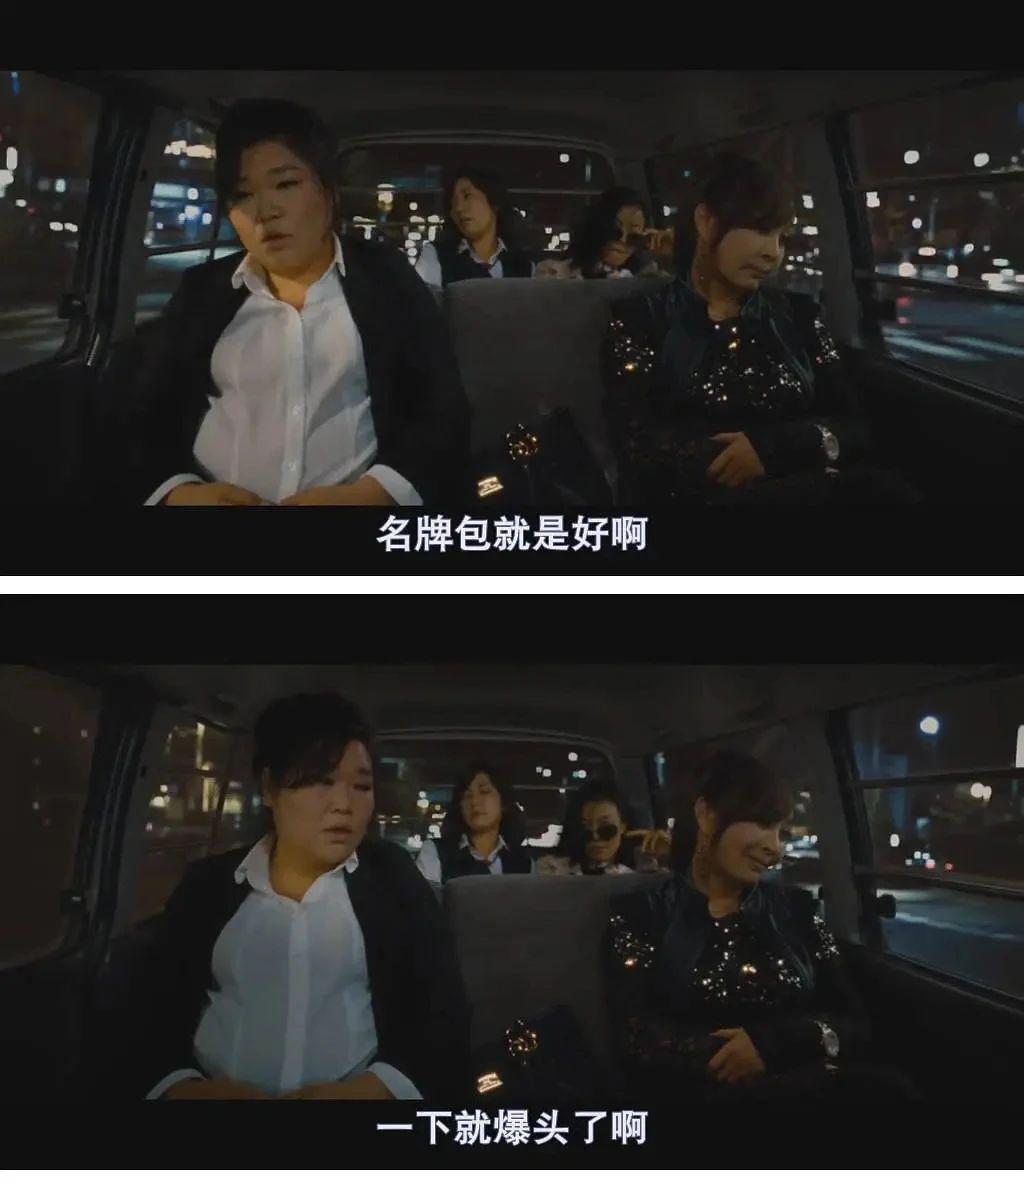 《阳光姐妹淘》影评:糊弄学这门学问,他算出师了